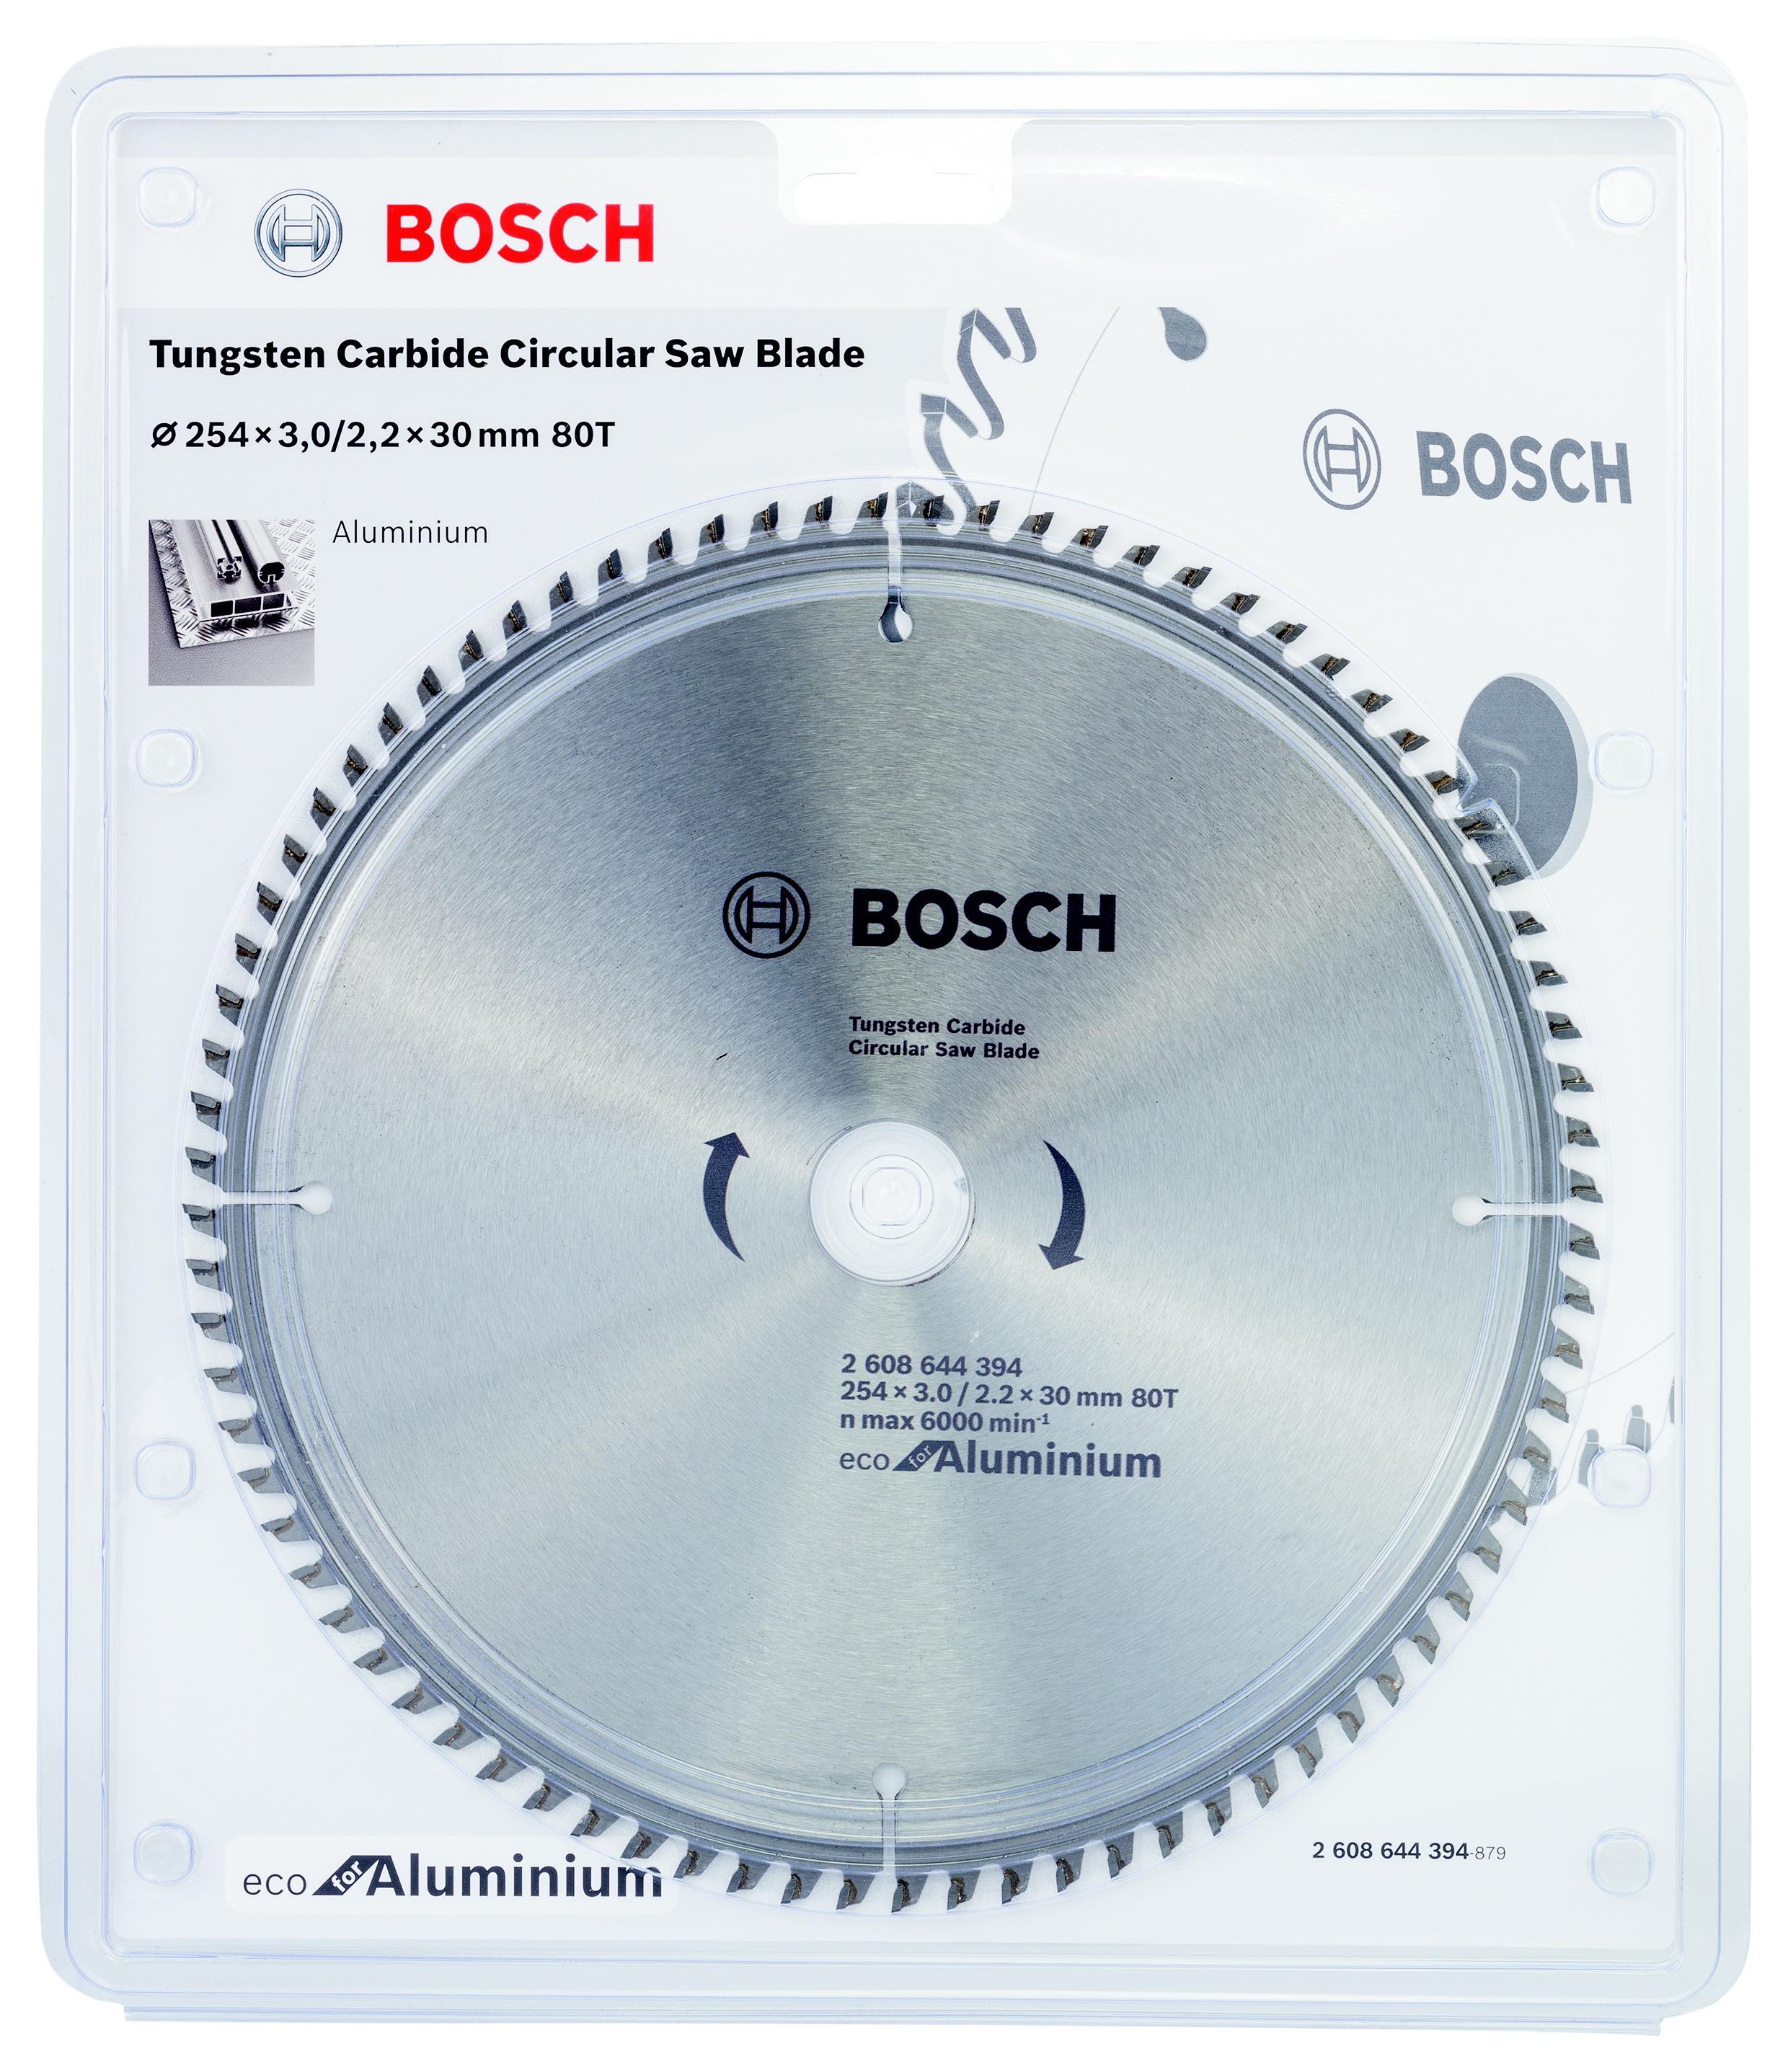 Диск пильный твердосплавный Bosch Eco al 254x30-80t (2.608.644.394) пильный диск eco wood 254x30 мм 40t bosch 2608644383